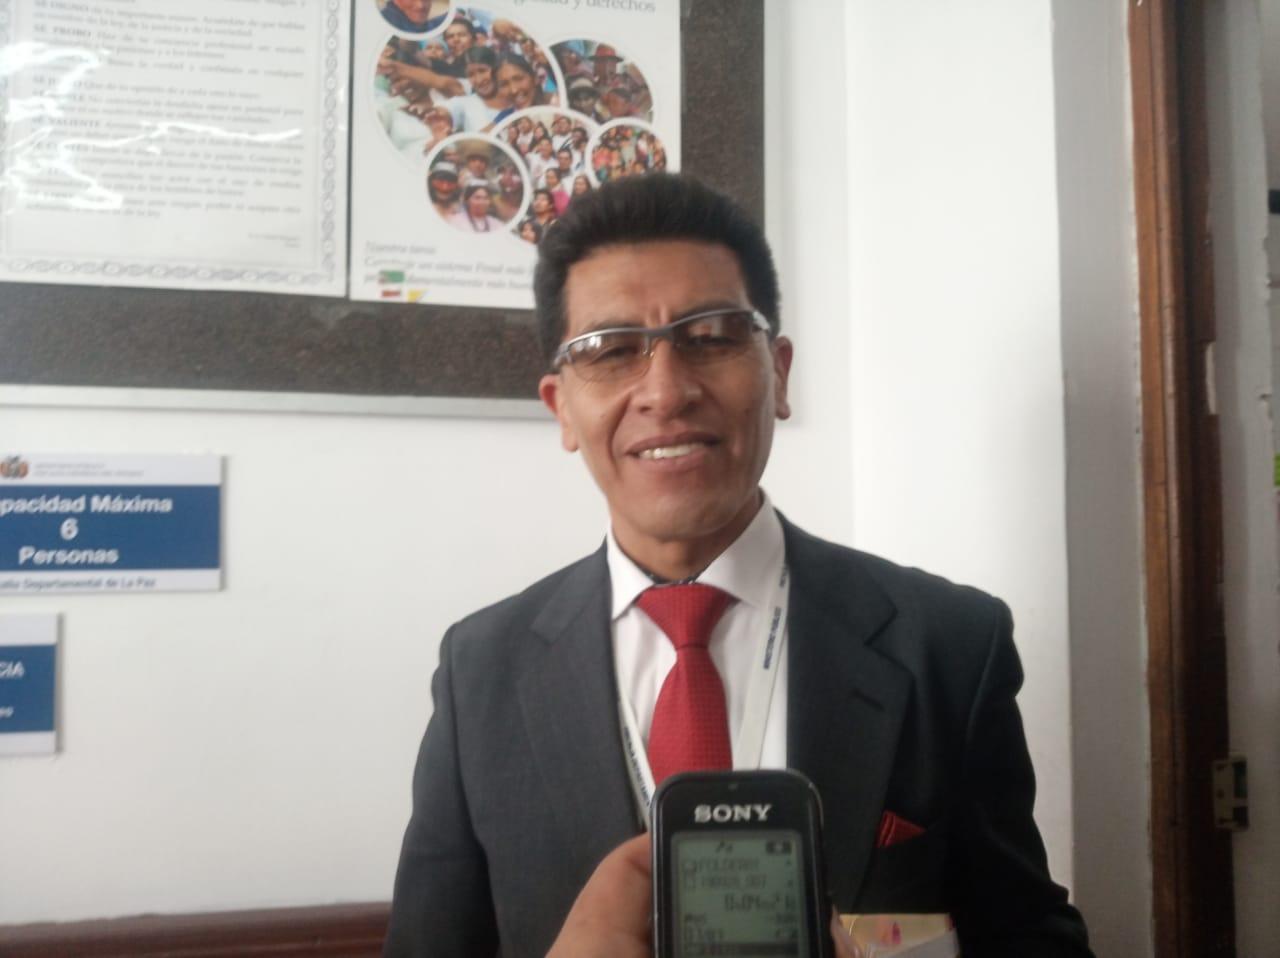 Convocan a declarar al exgerente administrativo de PAT bajo la investigación iniciada contra Jimena Valdivia por legitimación de ganancias ilícitas